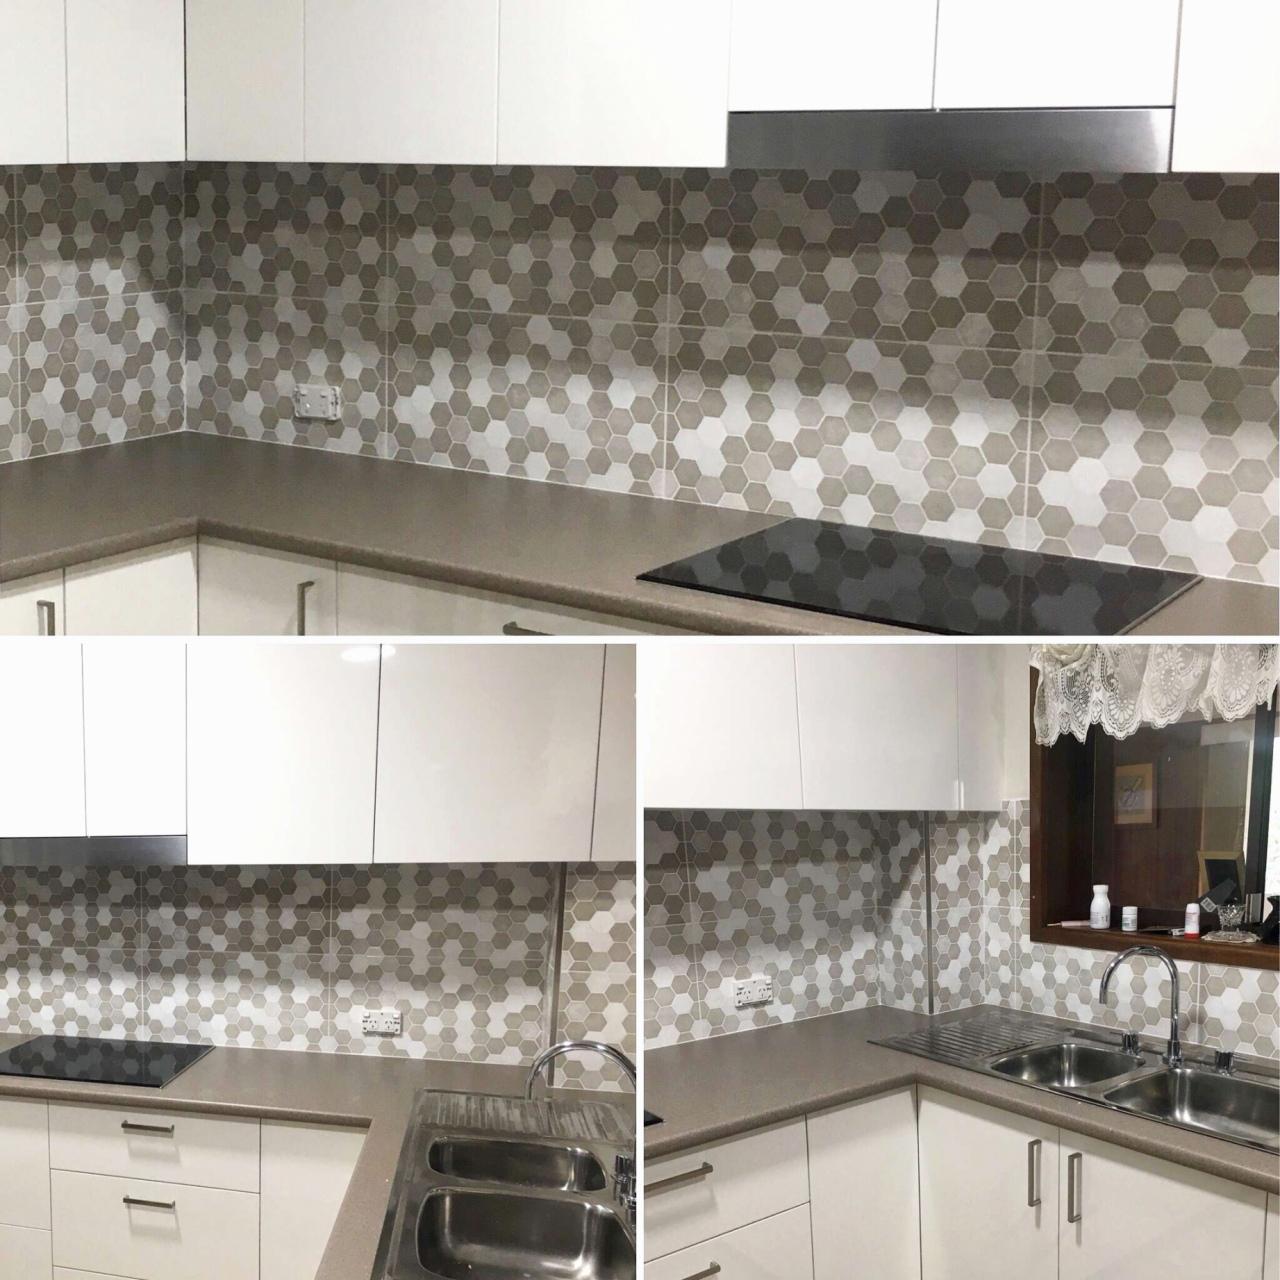 White Kitchen Brick Backsplash Inspirational Kitchen Tiles Design — Procura Home Blog